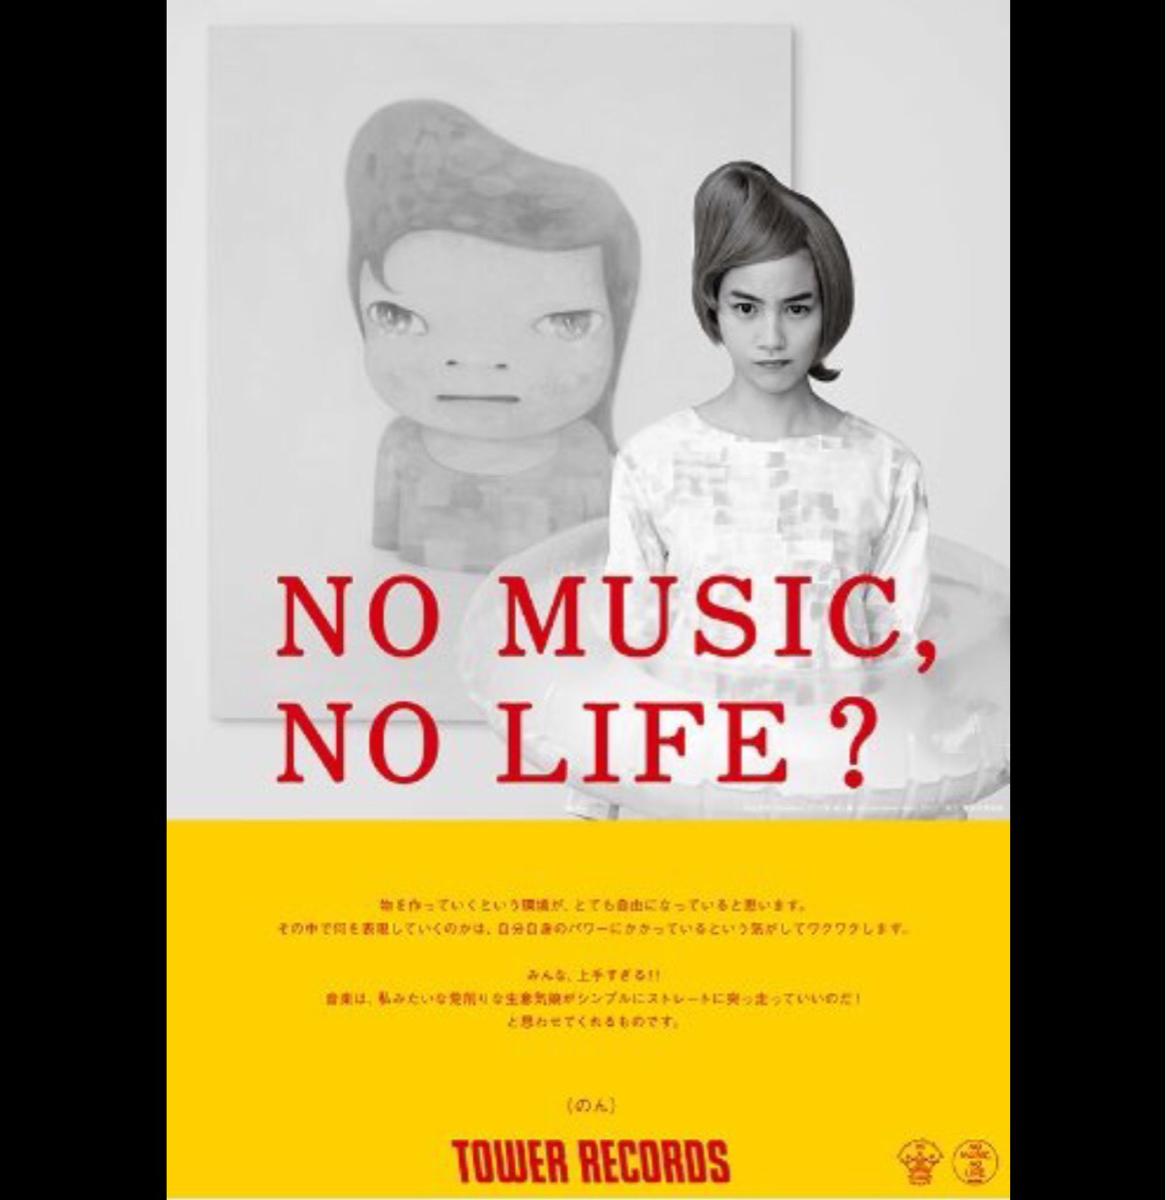 タワーレコード のん 奈良美智 NO MUSIC NO LIFE 非売品ポスター 未開封新品 能年玲奈 ワールドハピネス